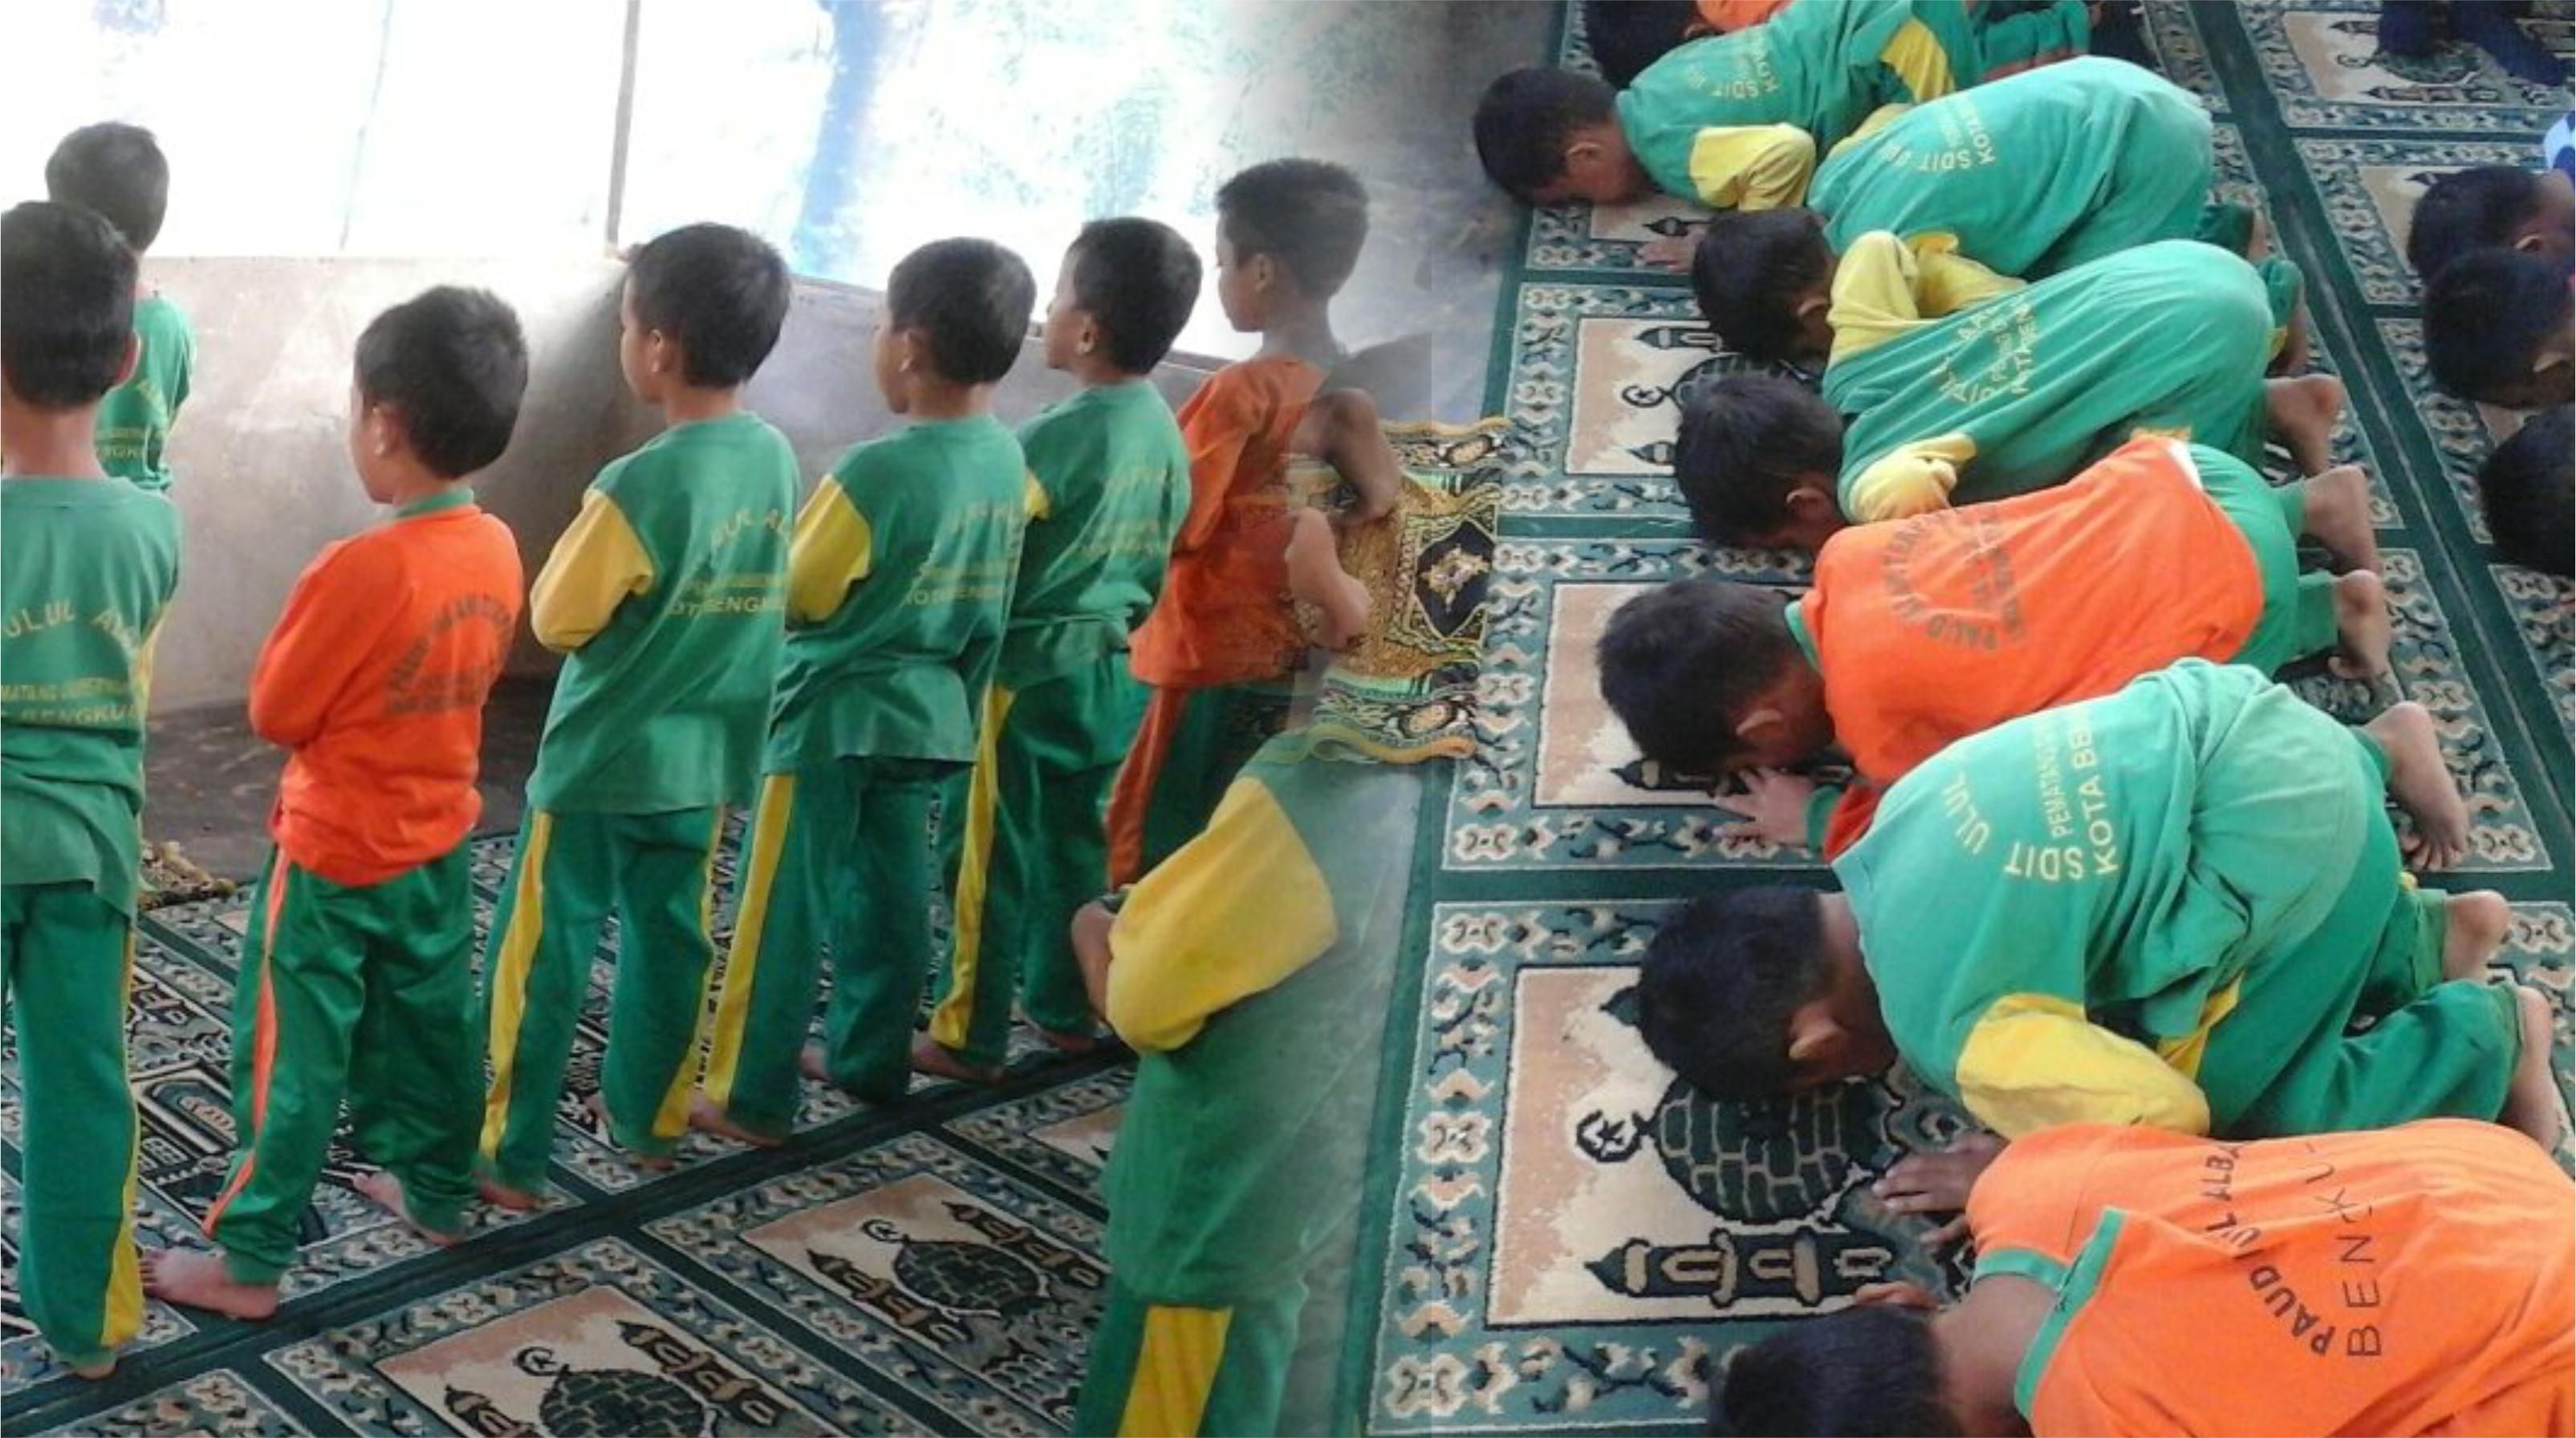 Sholat Dhuha : Kegiatan Rutin Setiap Pagi di Sekolah Ulul Albaab